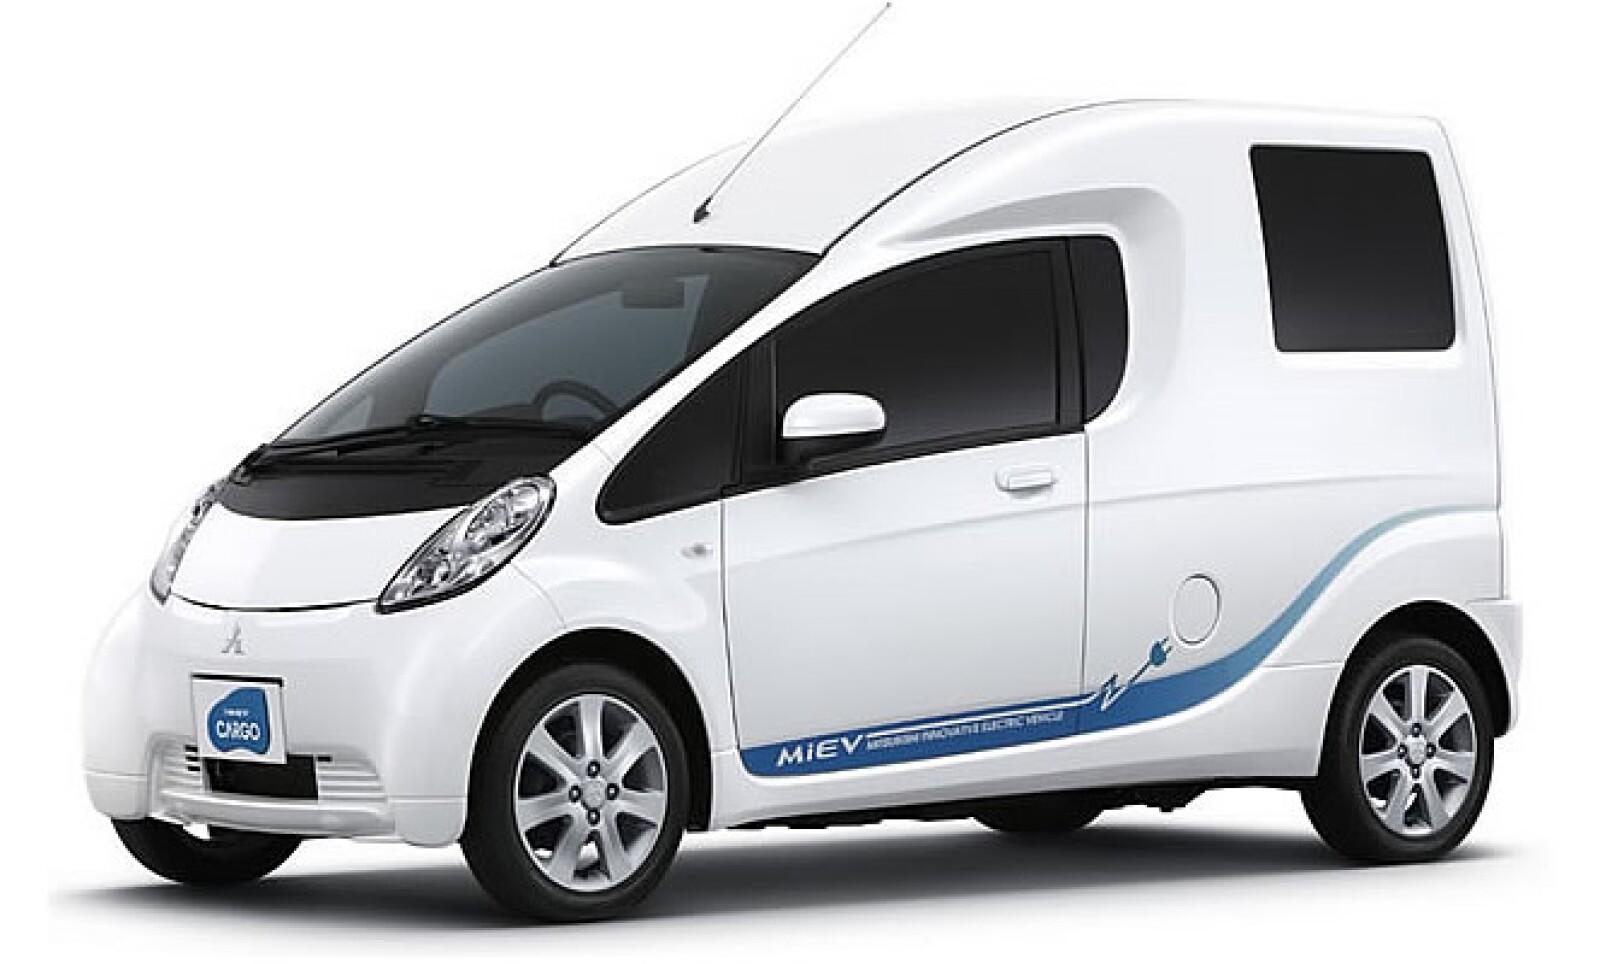 El reparto de carga ya no será igual después del i-MEV de Mitsubishi, el cual puede recorrer hasta 160 km con su batería.